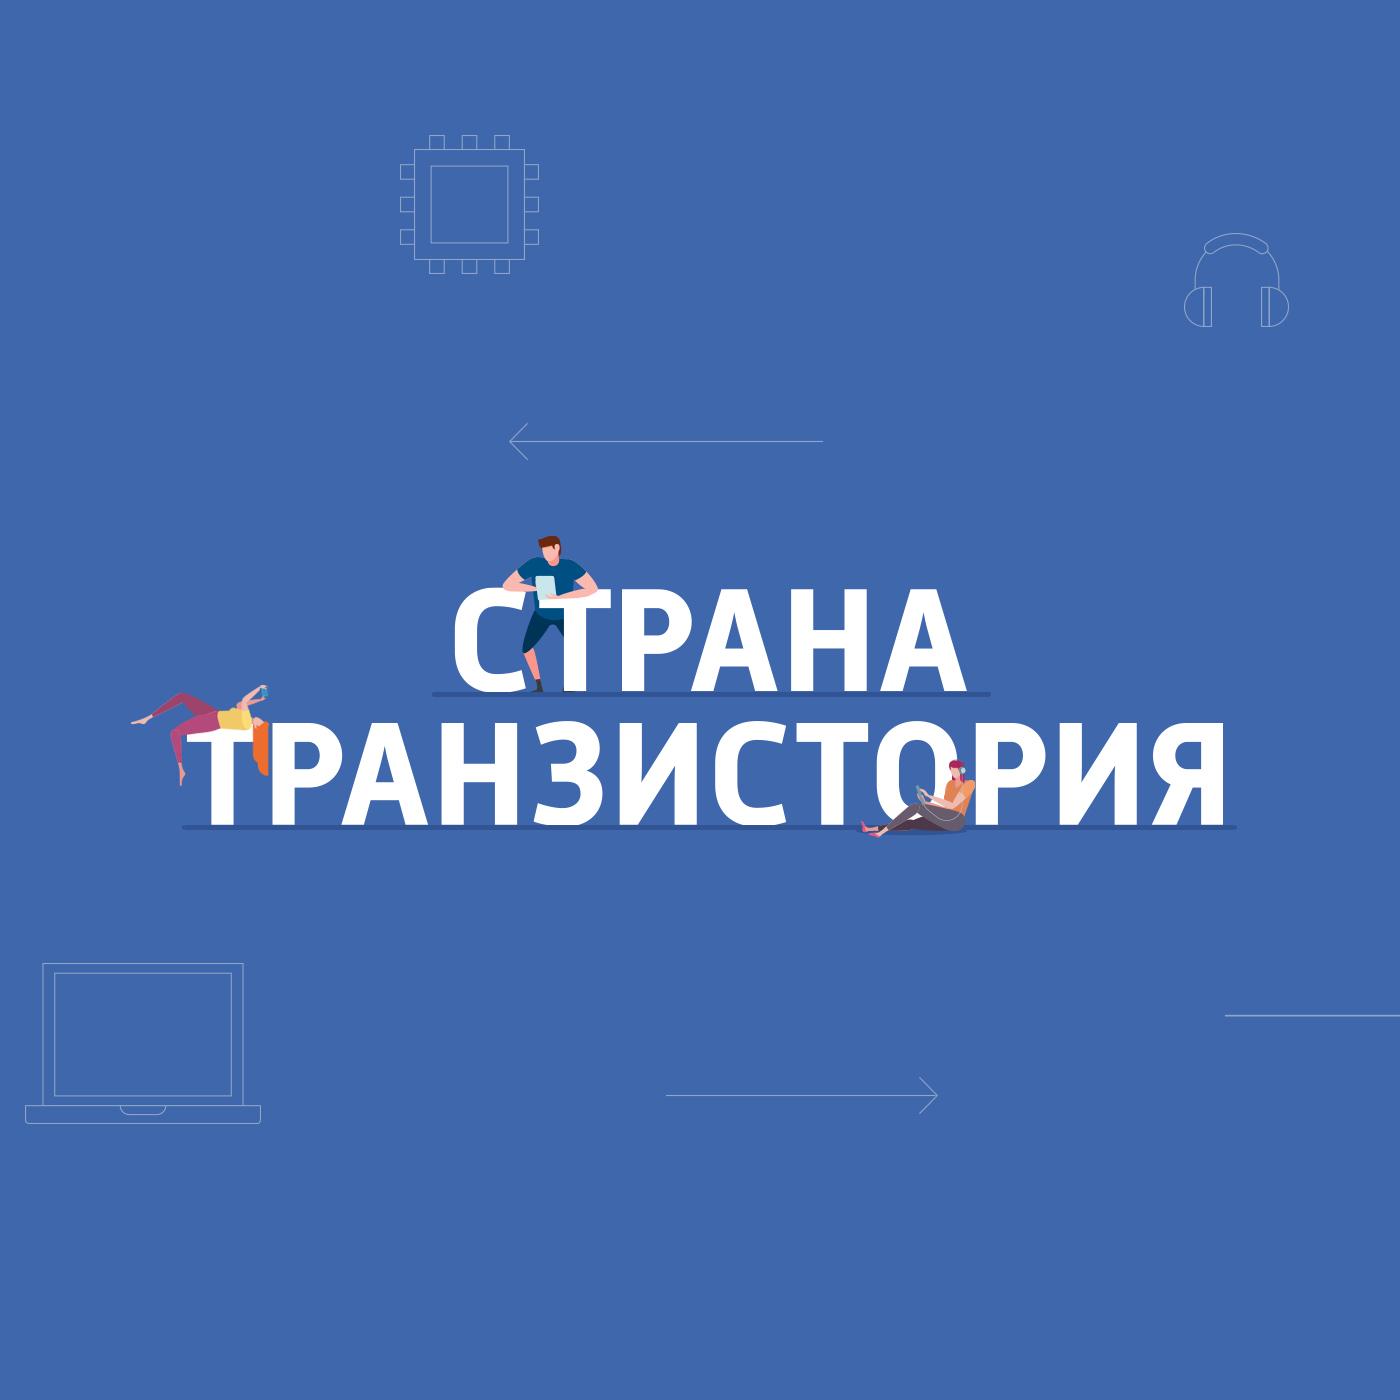 Картаев Павел Яндекс в ближайшие два года увеличит парк беспилотников картаев павел hmd global выпустила смартфон nokia 8 eset обнаружила вирус для устройств на андроиде